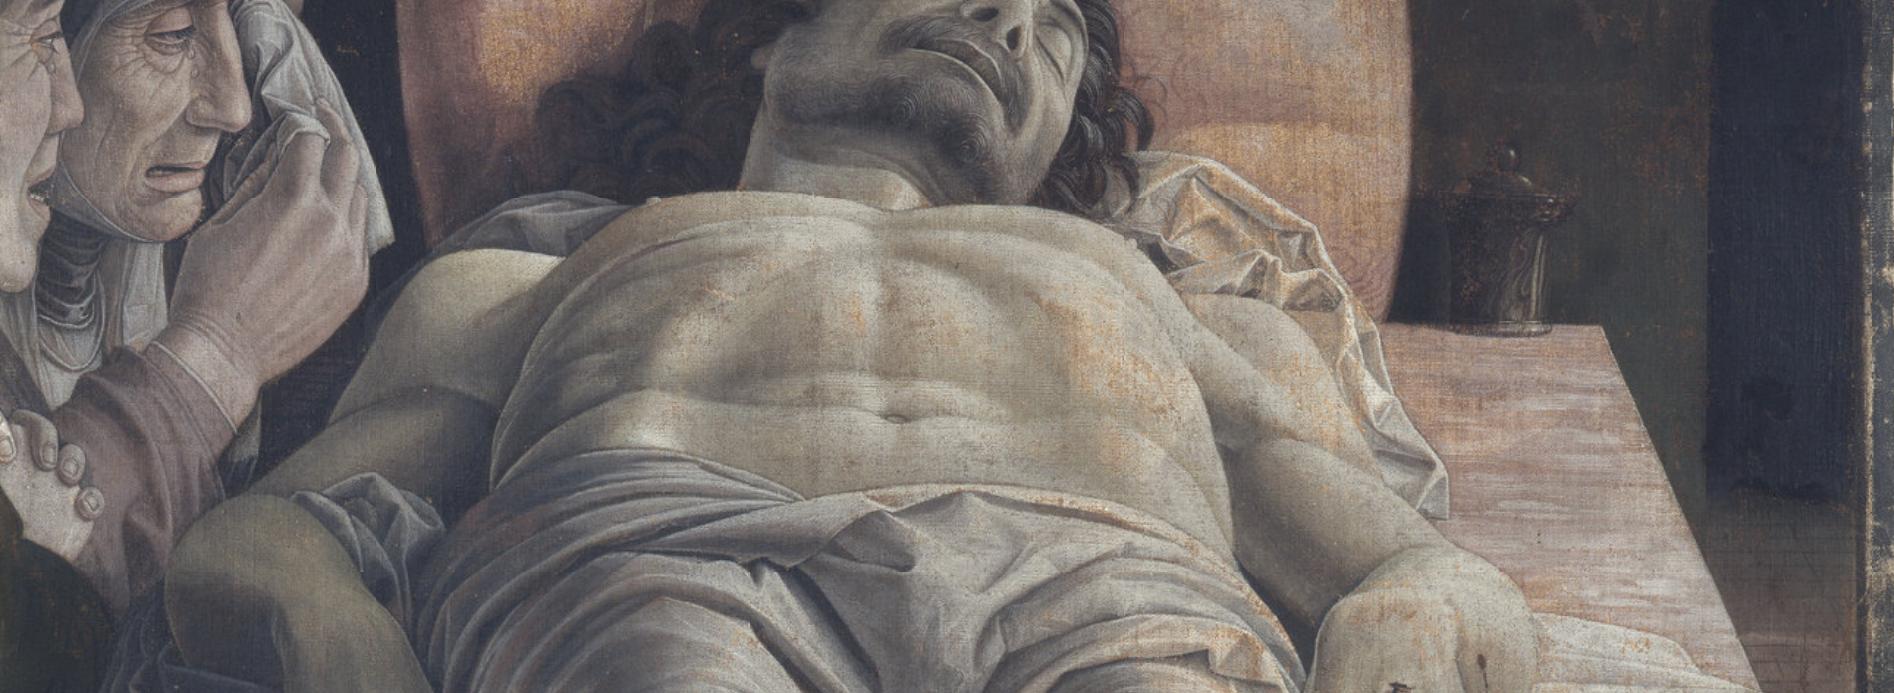 brera cristo di mantegna